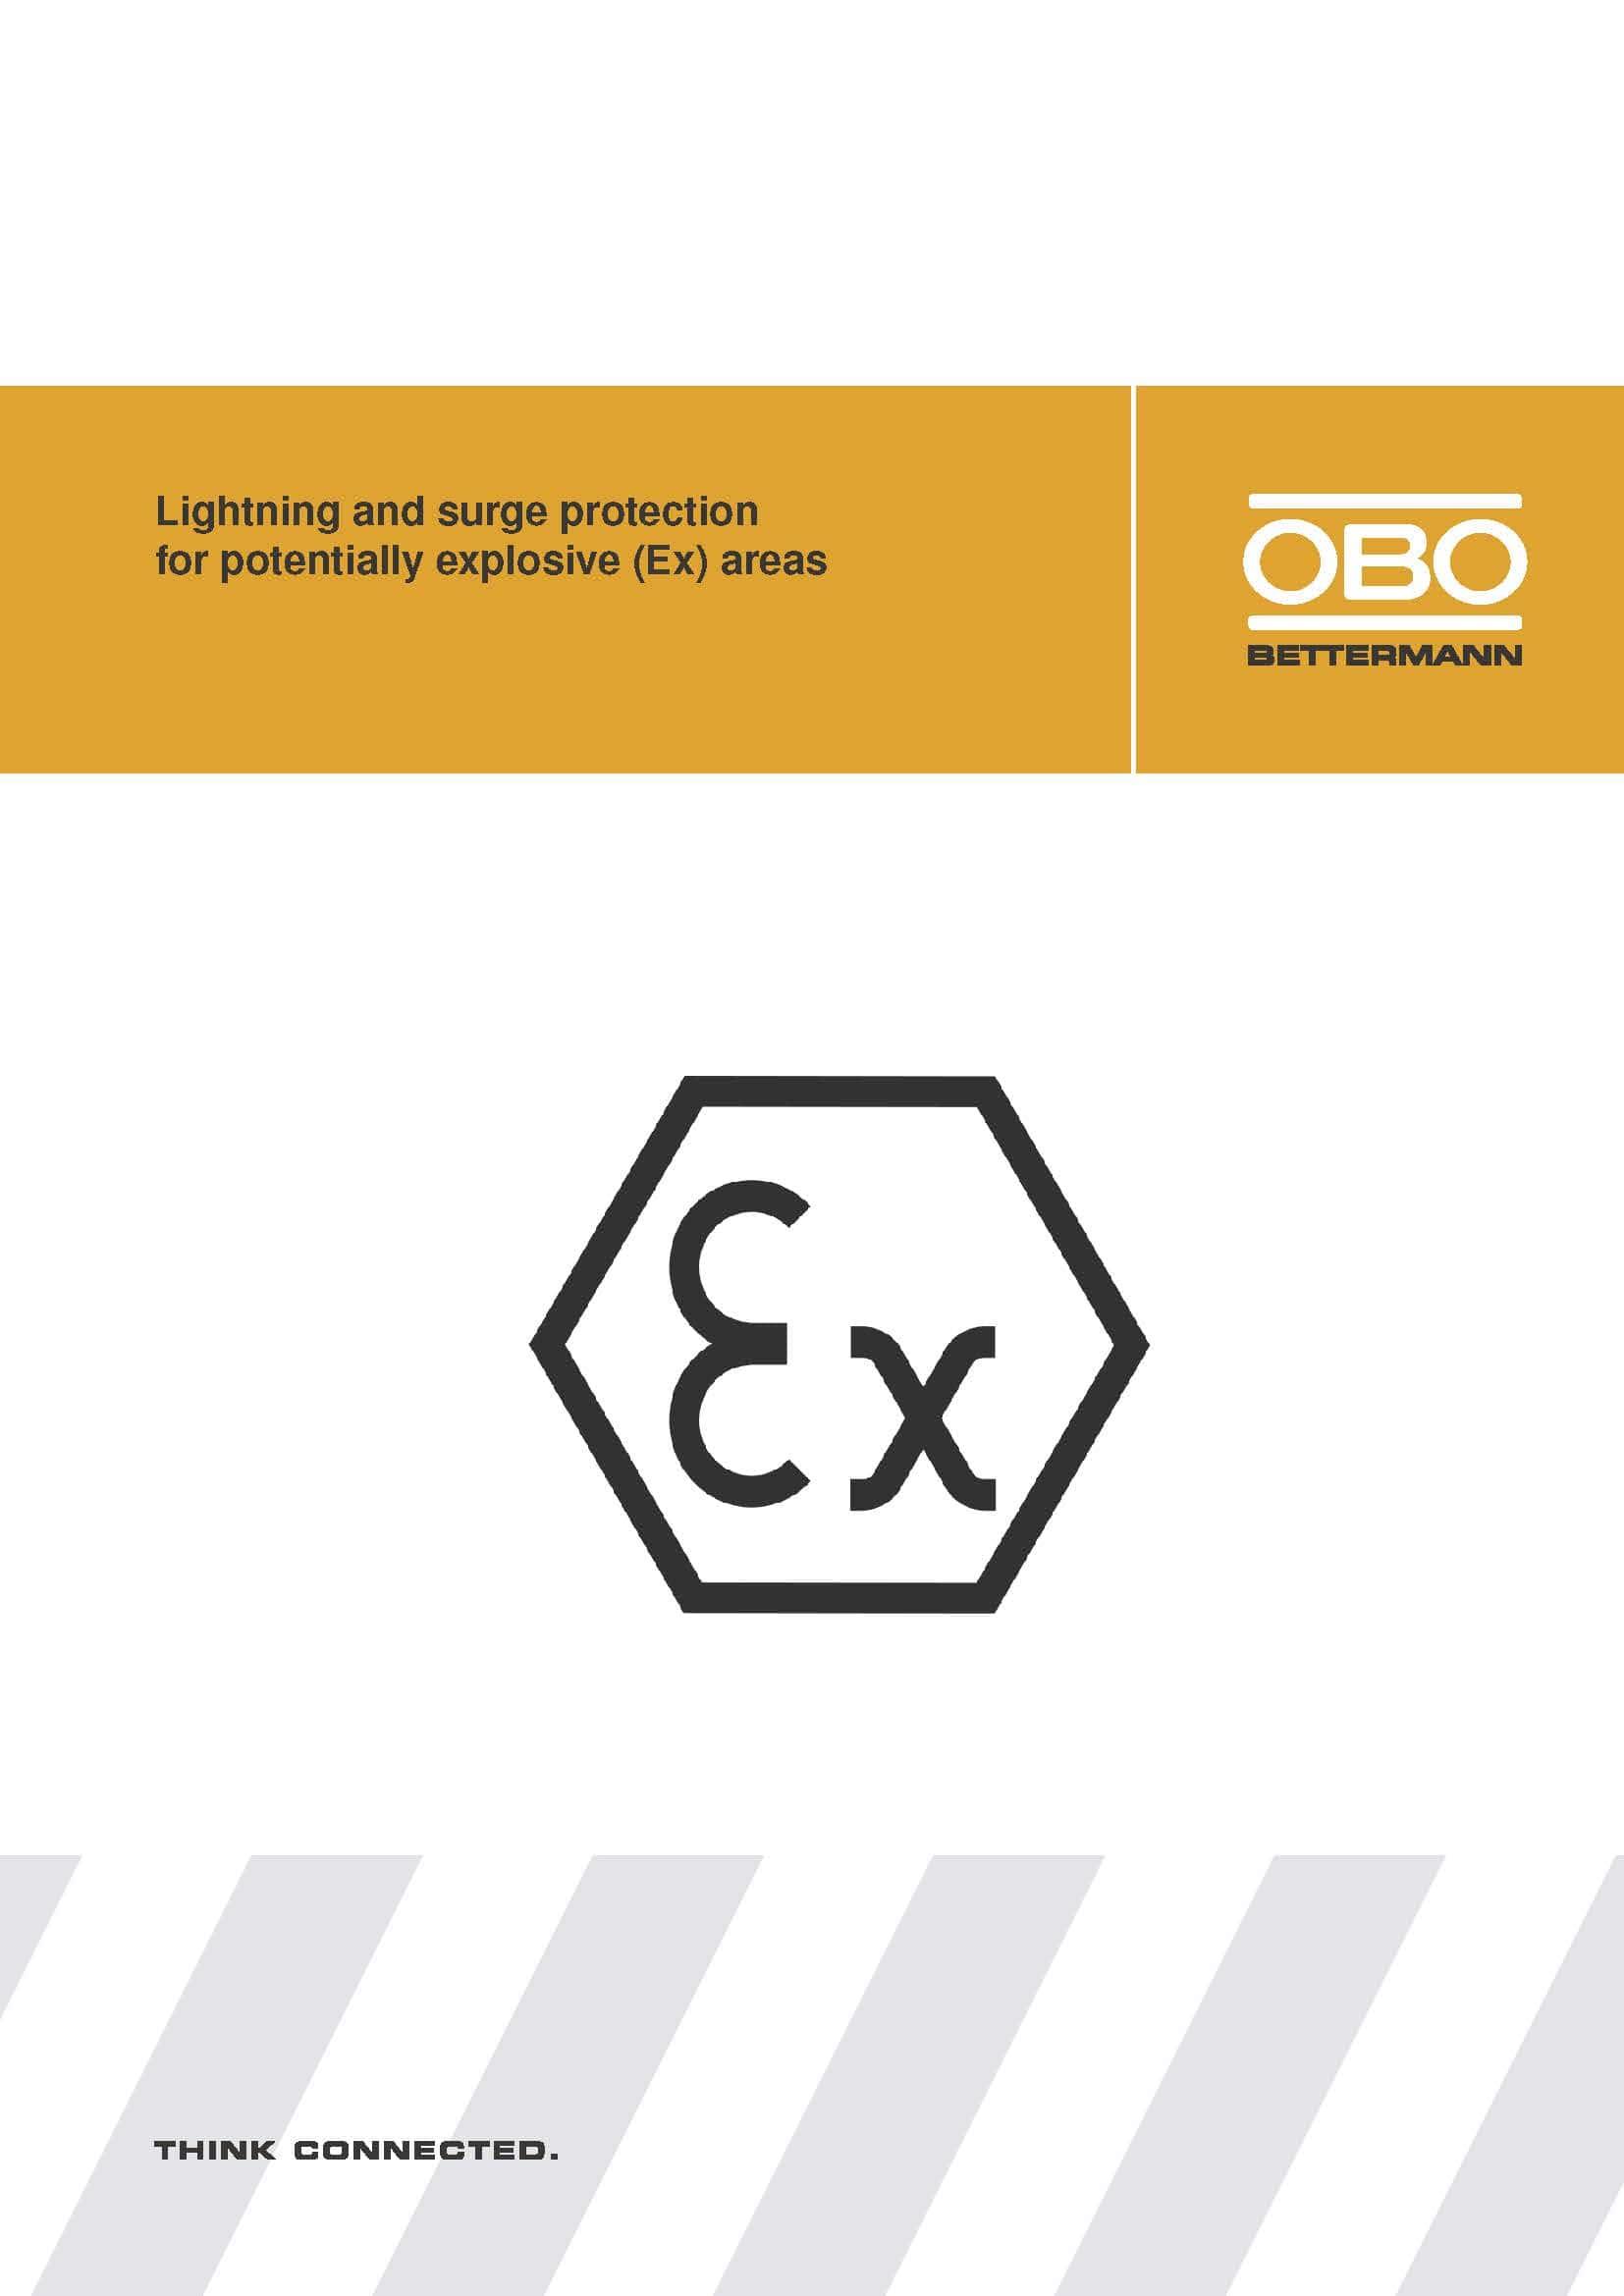 Protección contra Rayos y Sobretensiones en Zonas Potencialmente Explosivas (Ex)